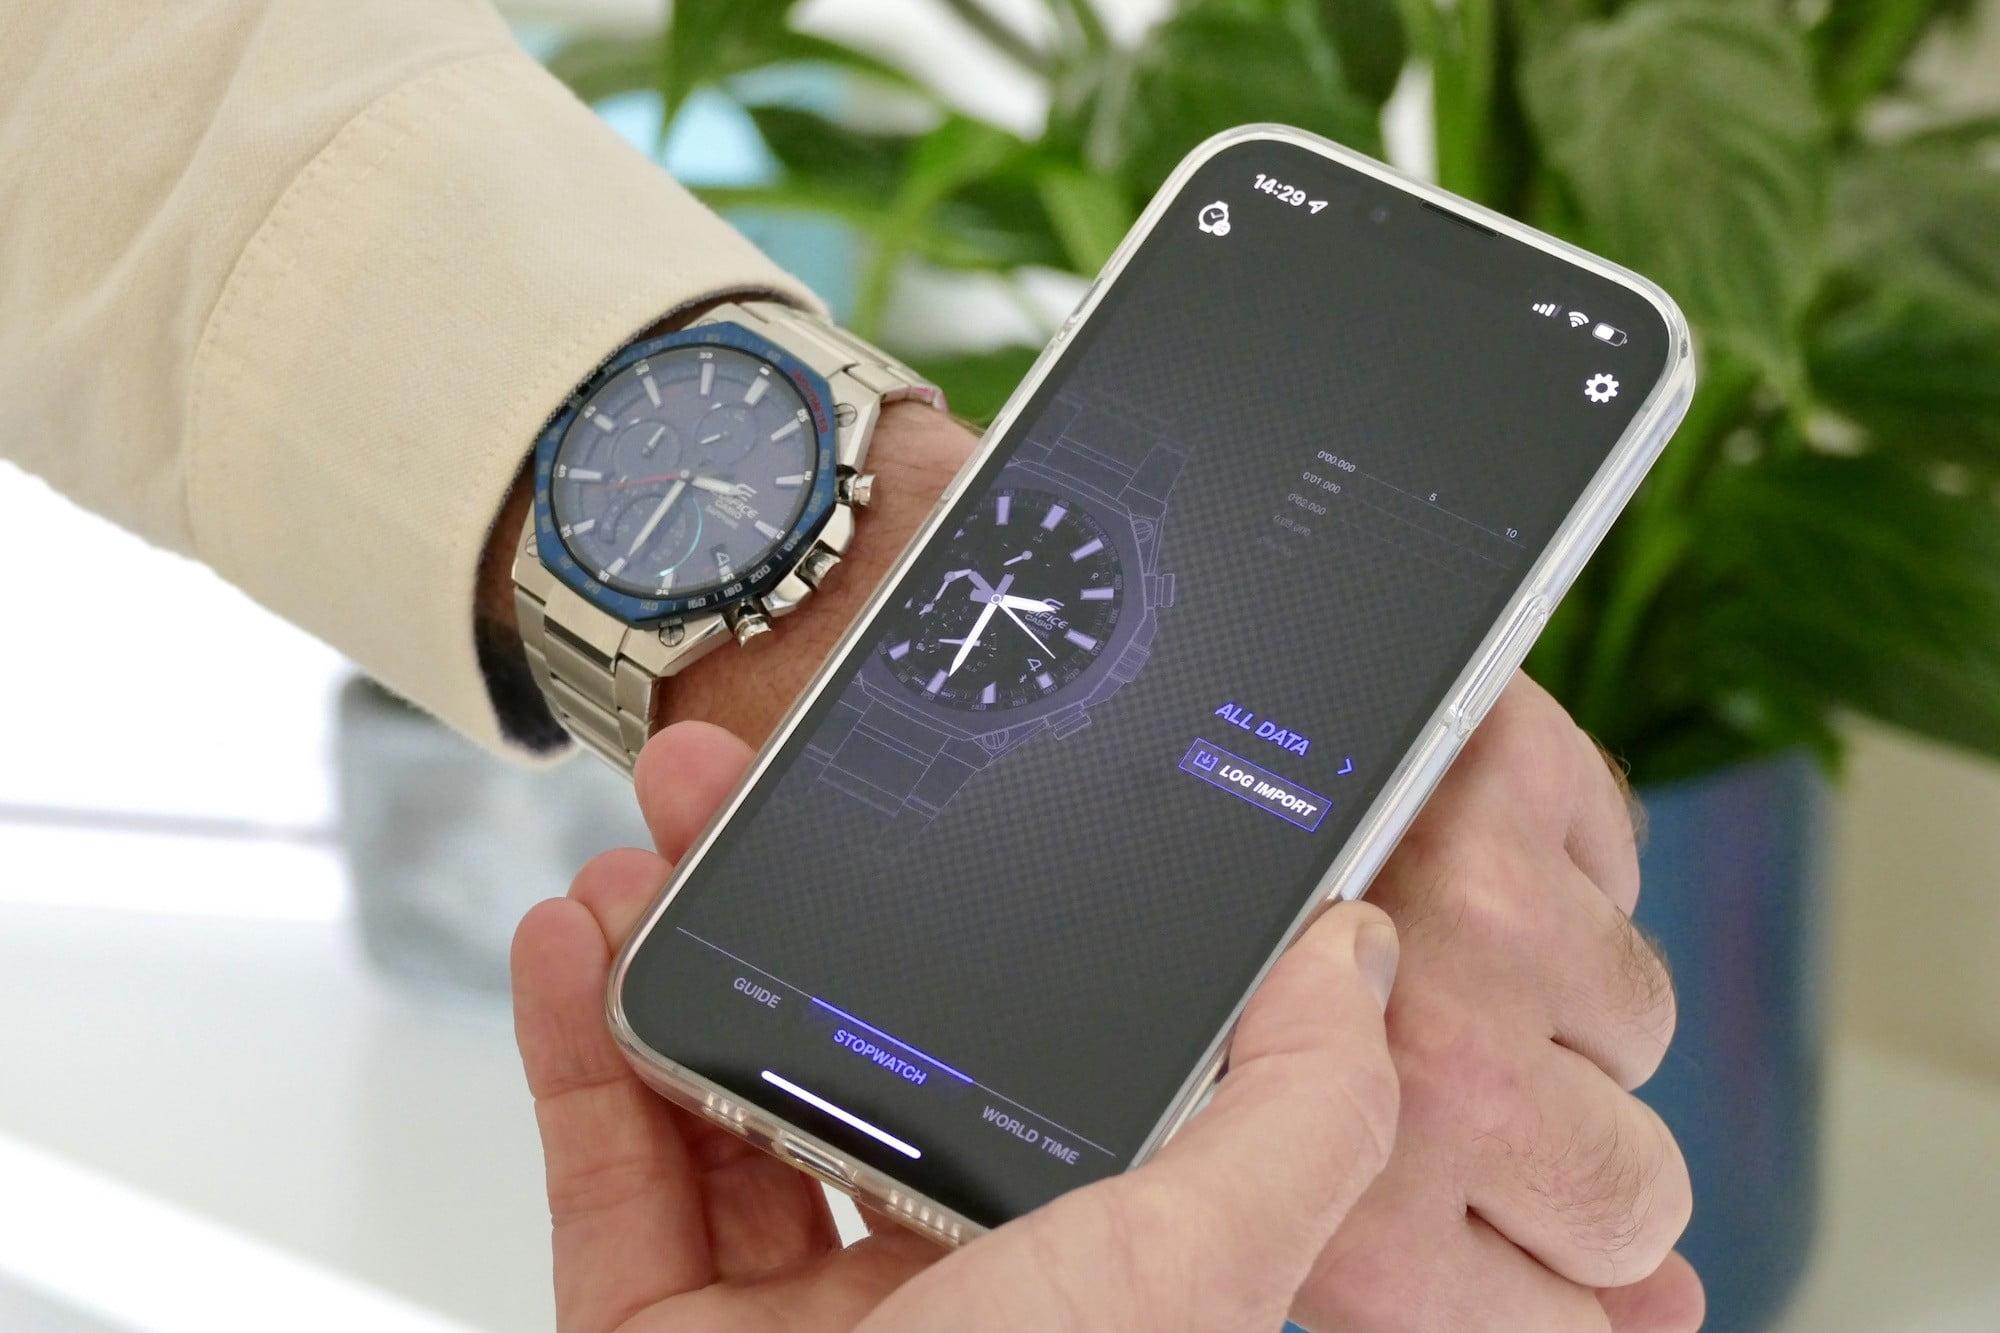 The Casio Edifice EQB-1100's app.